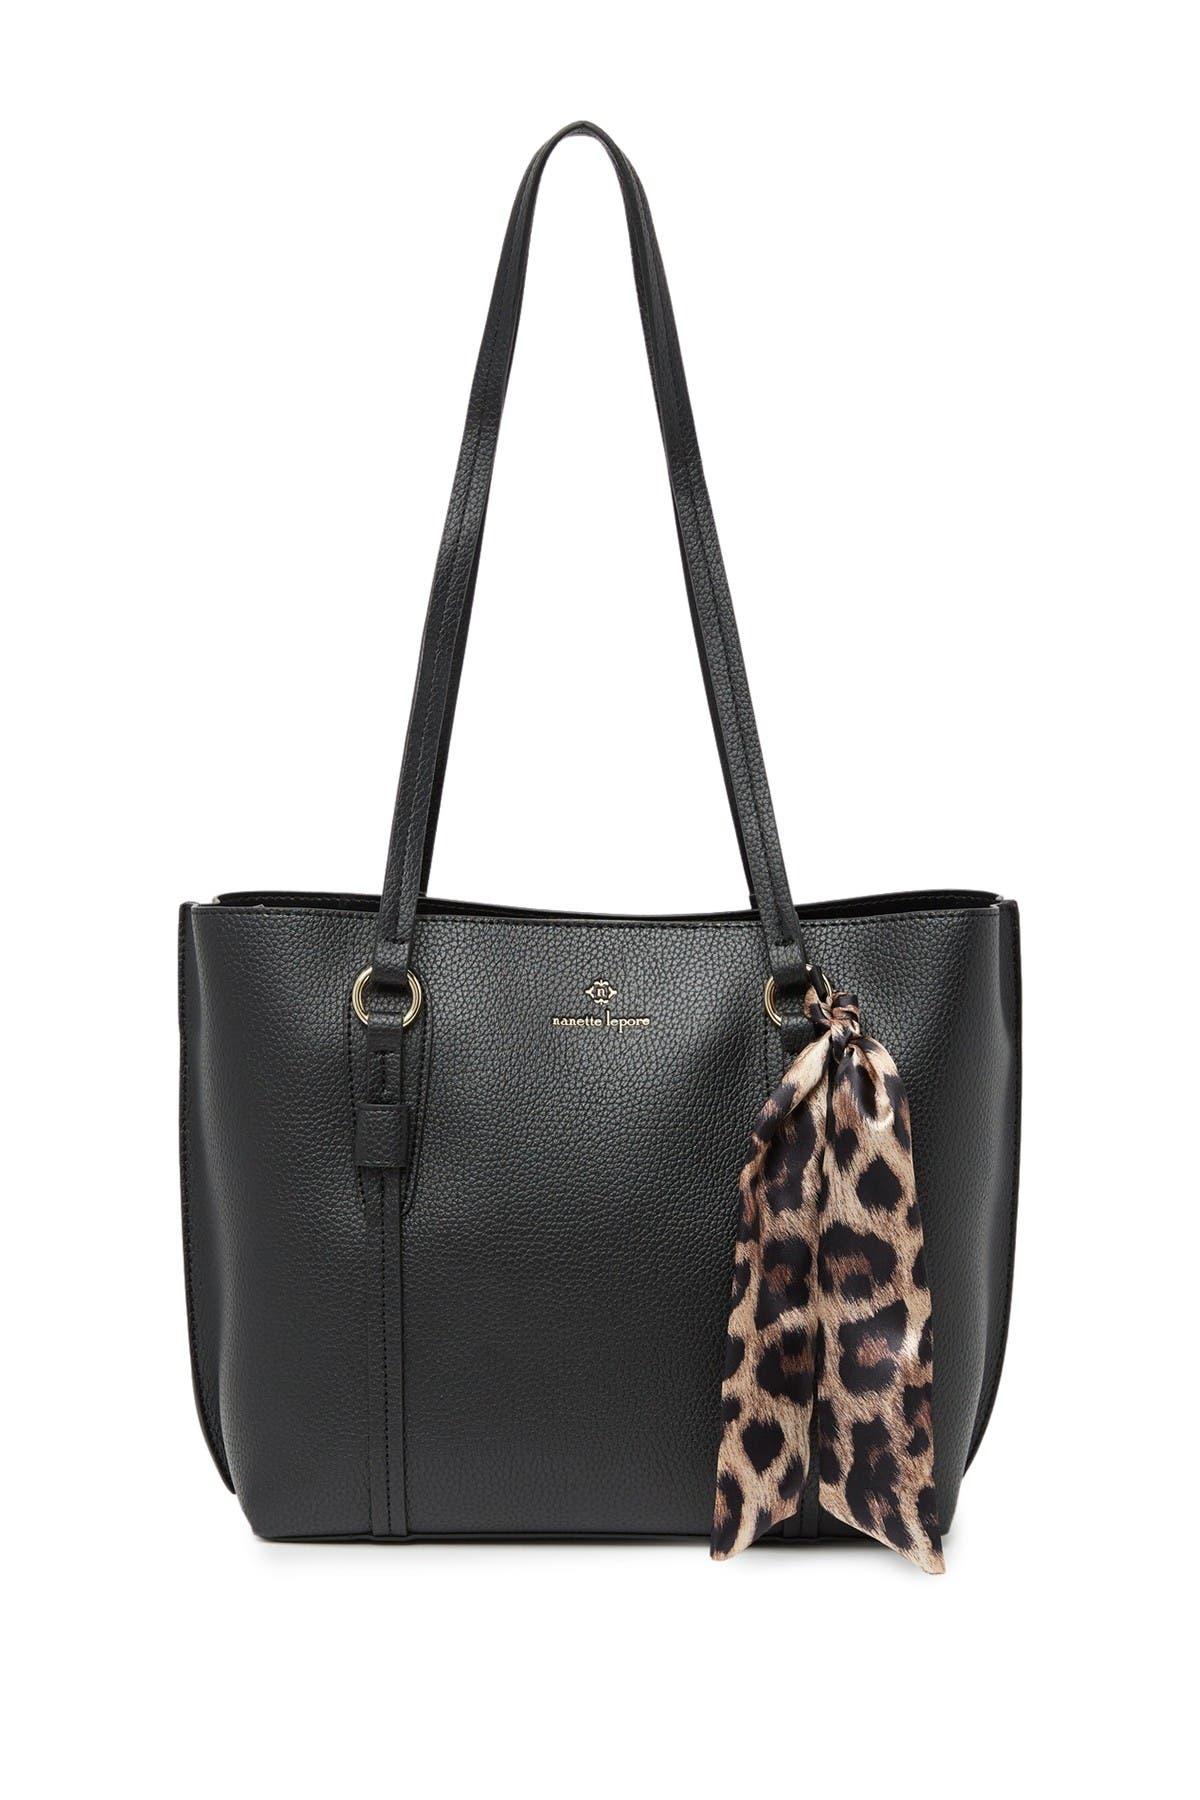 Image of Nanette Lepore Myles Scarf Shoulder Bag